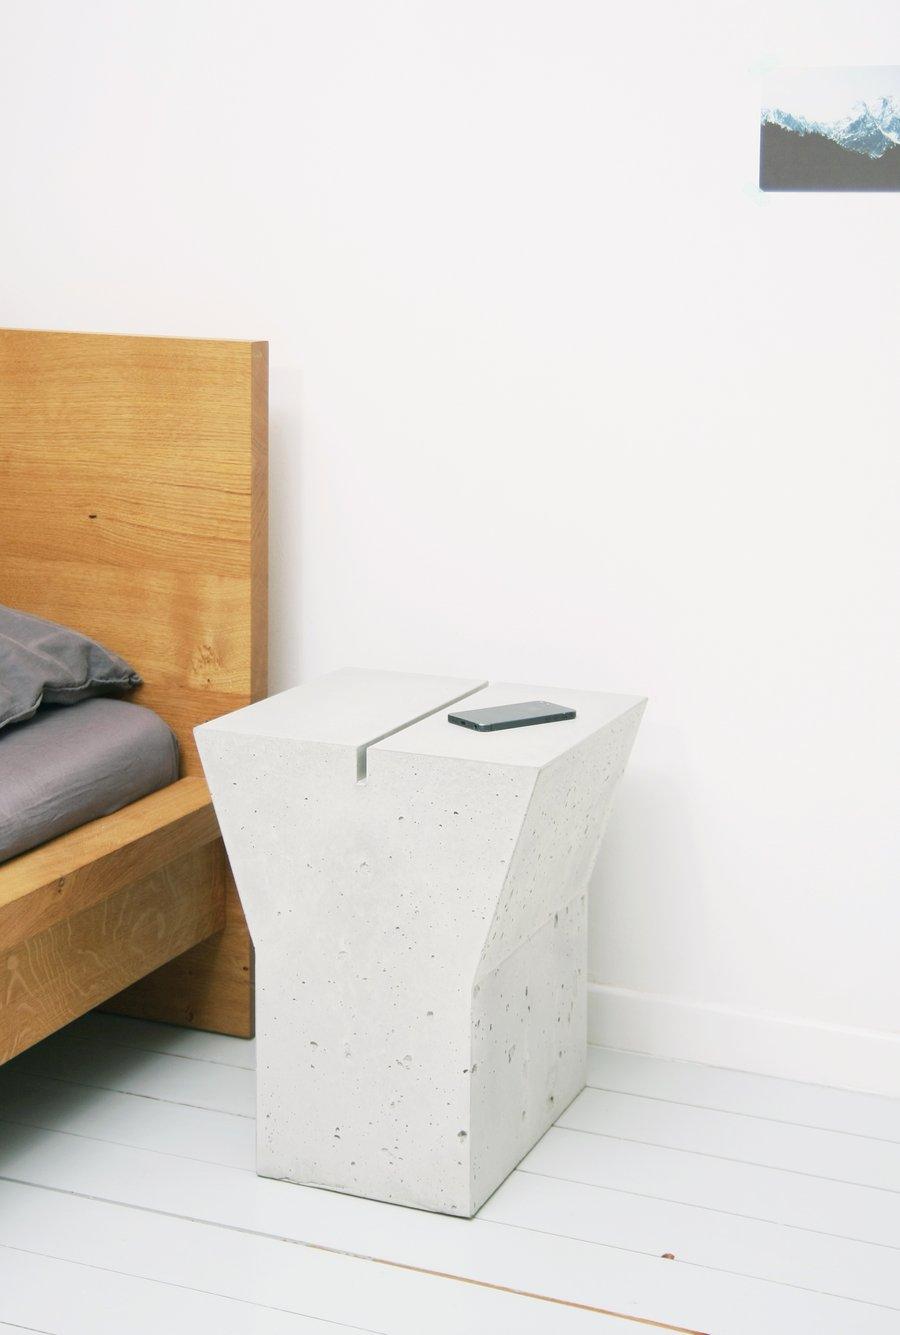 Image of Betonbuchstabe / concrete letter stool